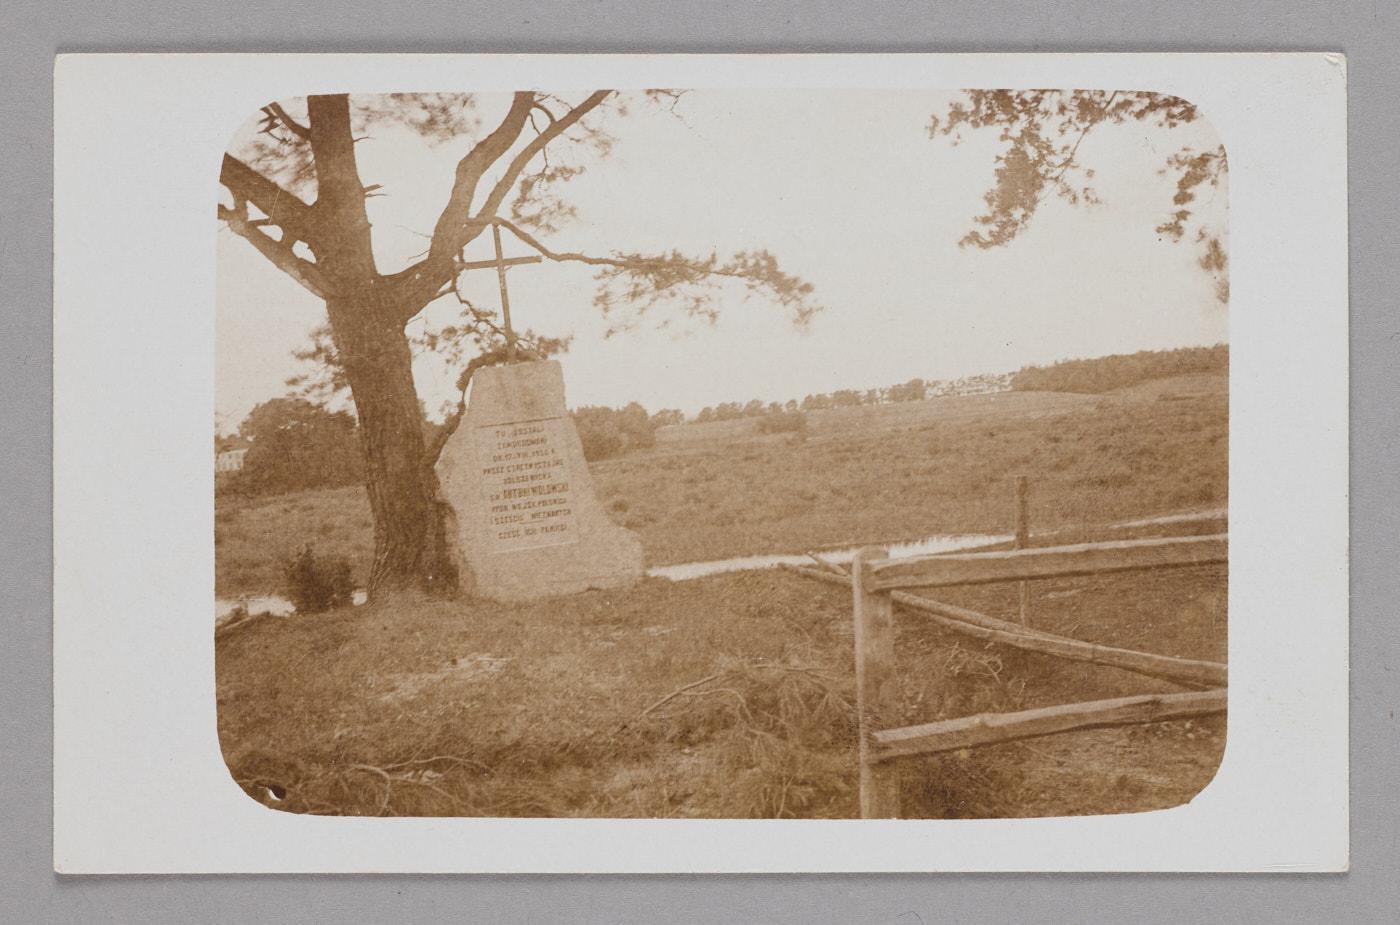 Zdjęcie. Nazewnątrz polewej stronie drzewo, obok kamienny pomnik zinskrypcją.